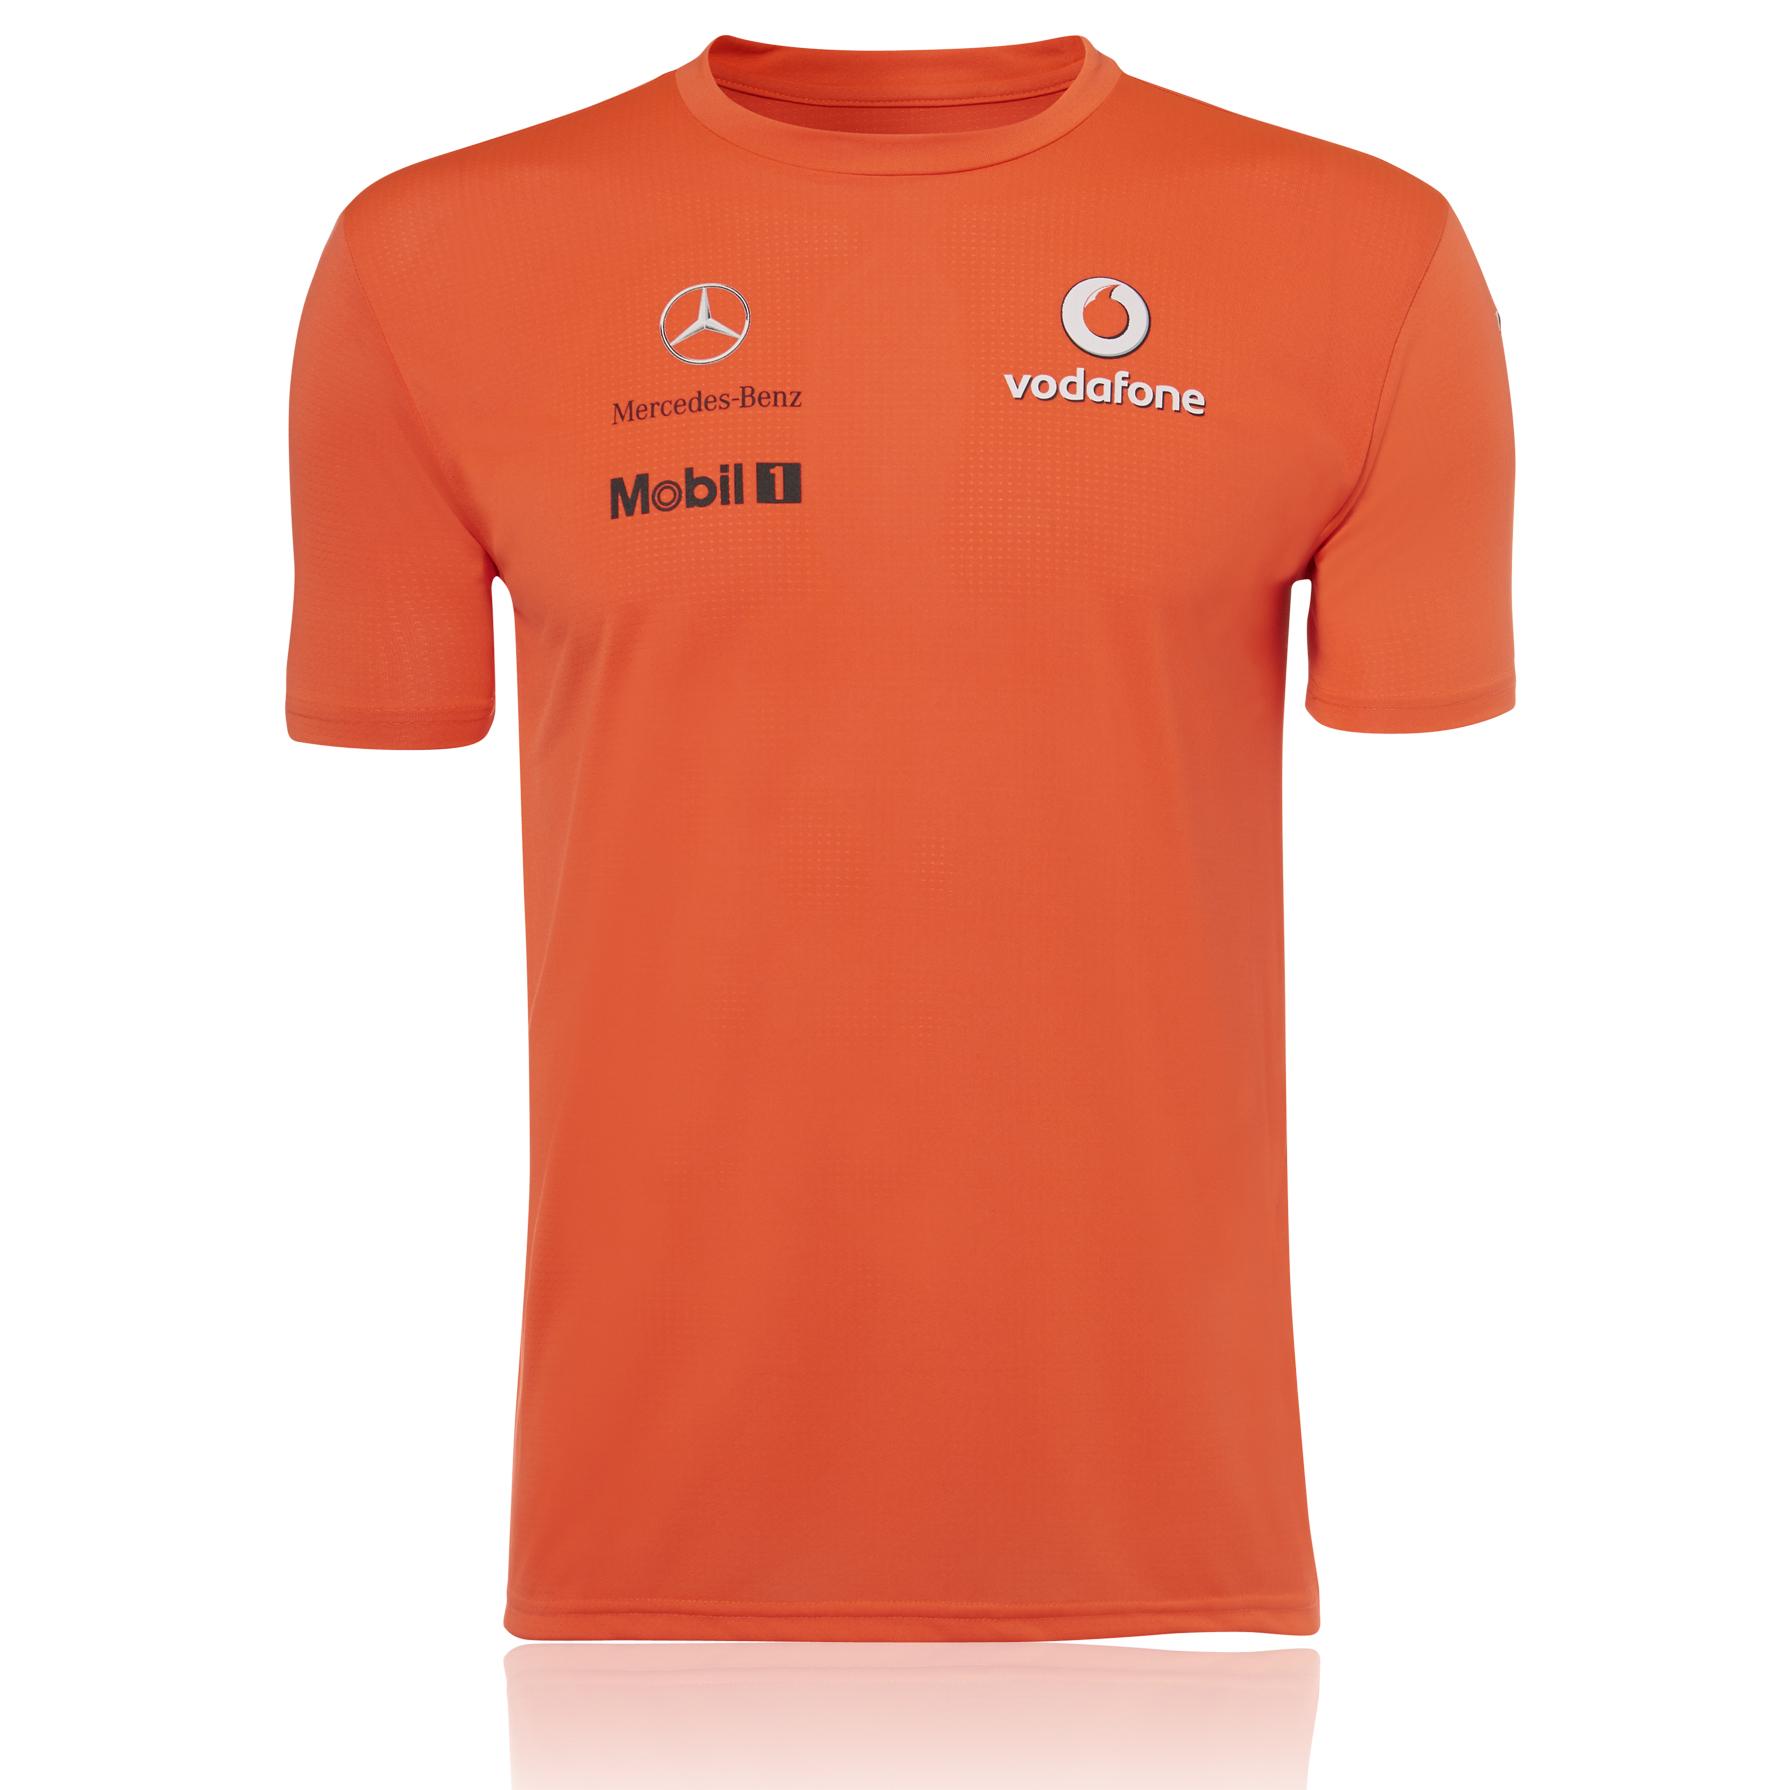 Vodafone McLaren Mercedes 2013 Team Victory T-Shirt